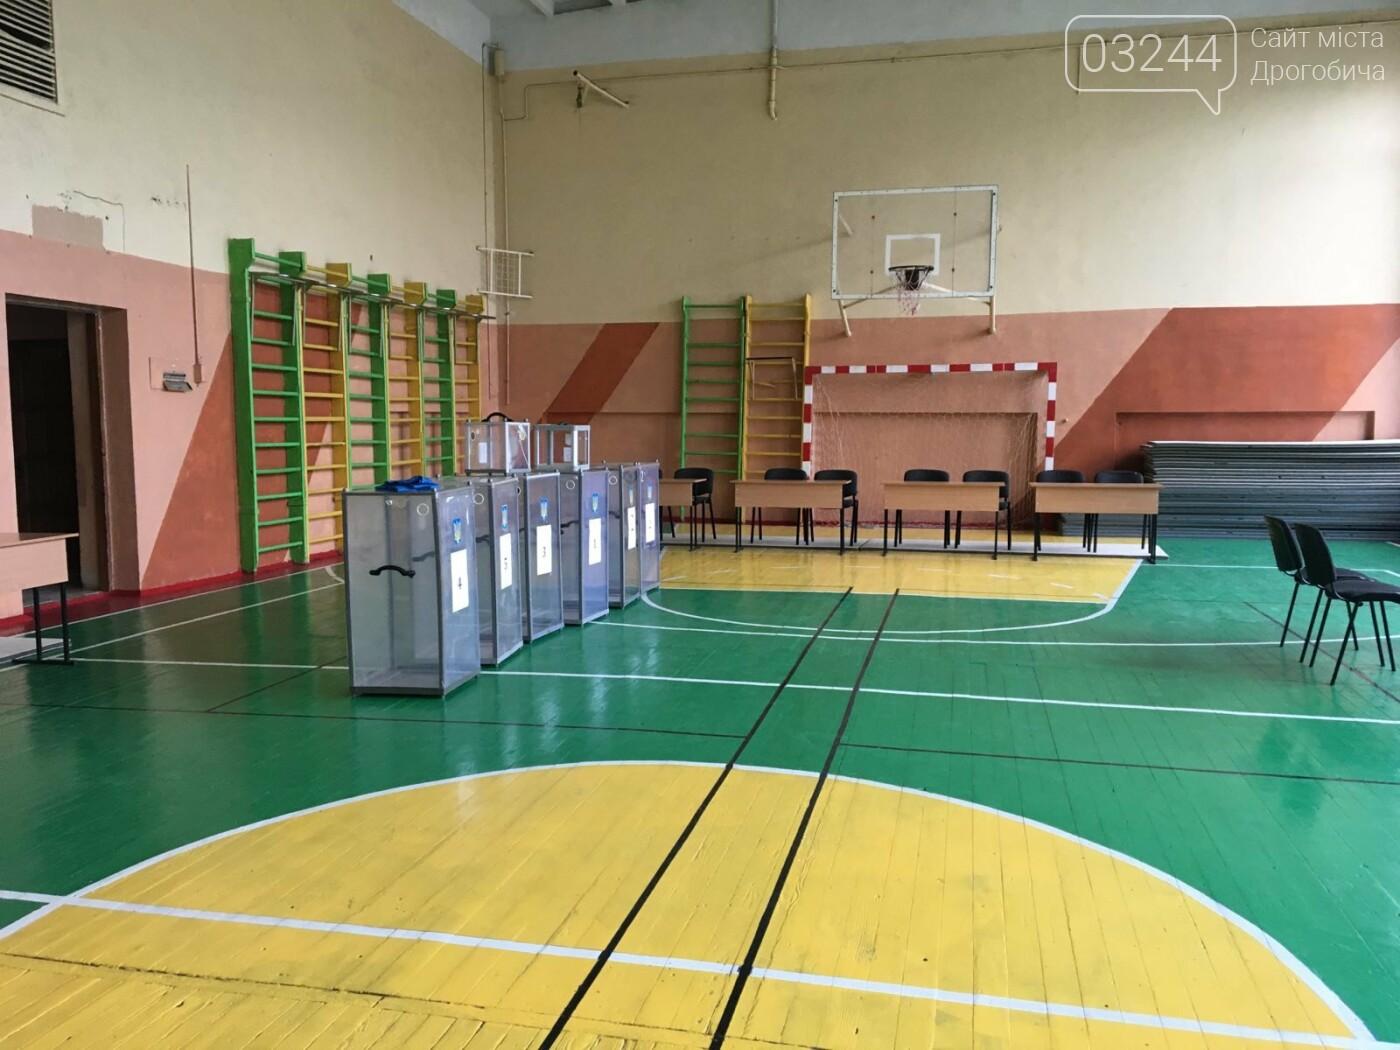 До виборів готові: на дільницях Дрогобича встановили кабінки та урни і завезли бюлетені, - ВІДЕО, ФОТО, фото-6